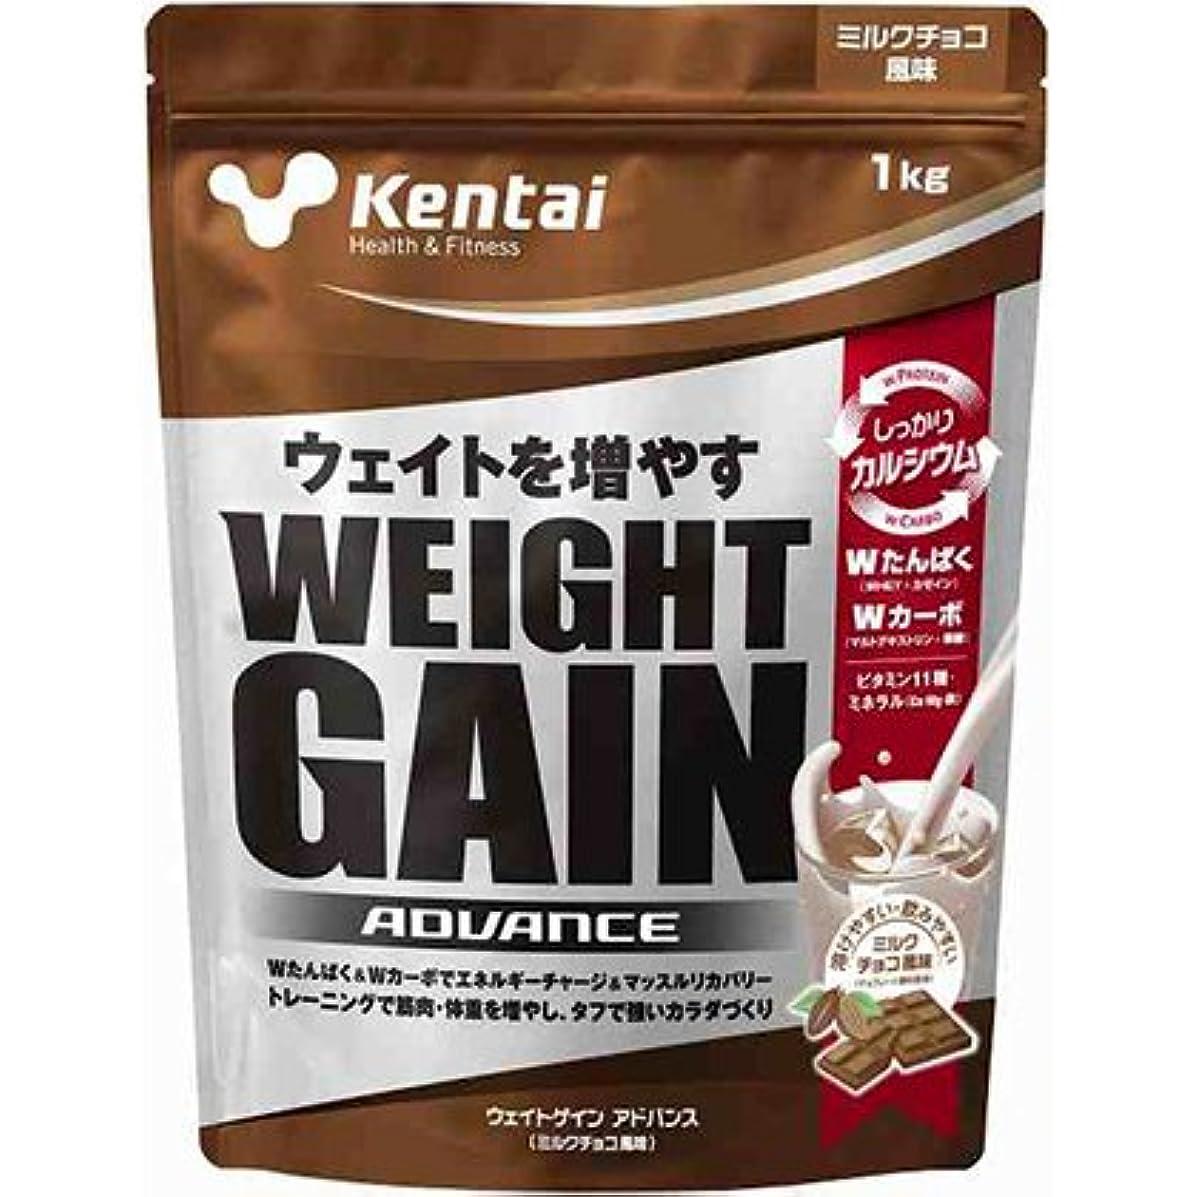 見かけ上頭痛所有権【健康体力研究所 (Kentai)】 ウエイトゲインアドバンス(ミルクチョコ風味) 1kg